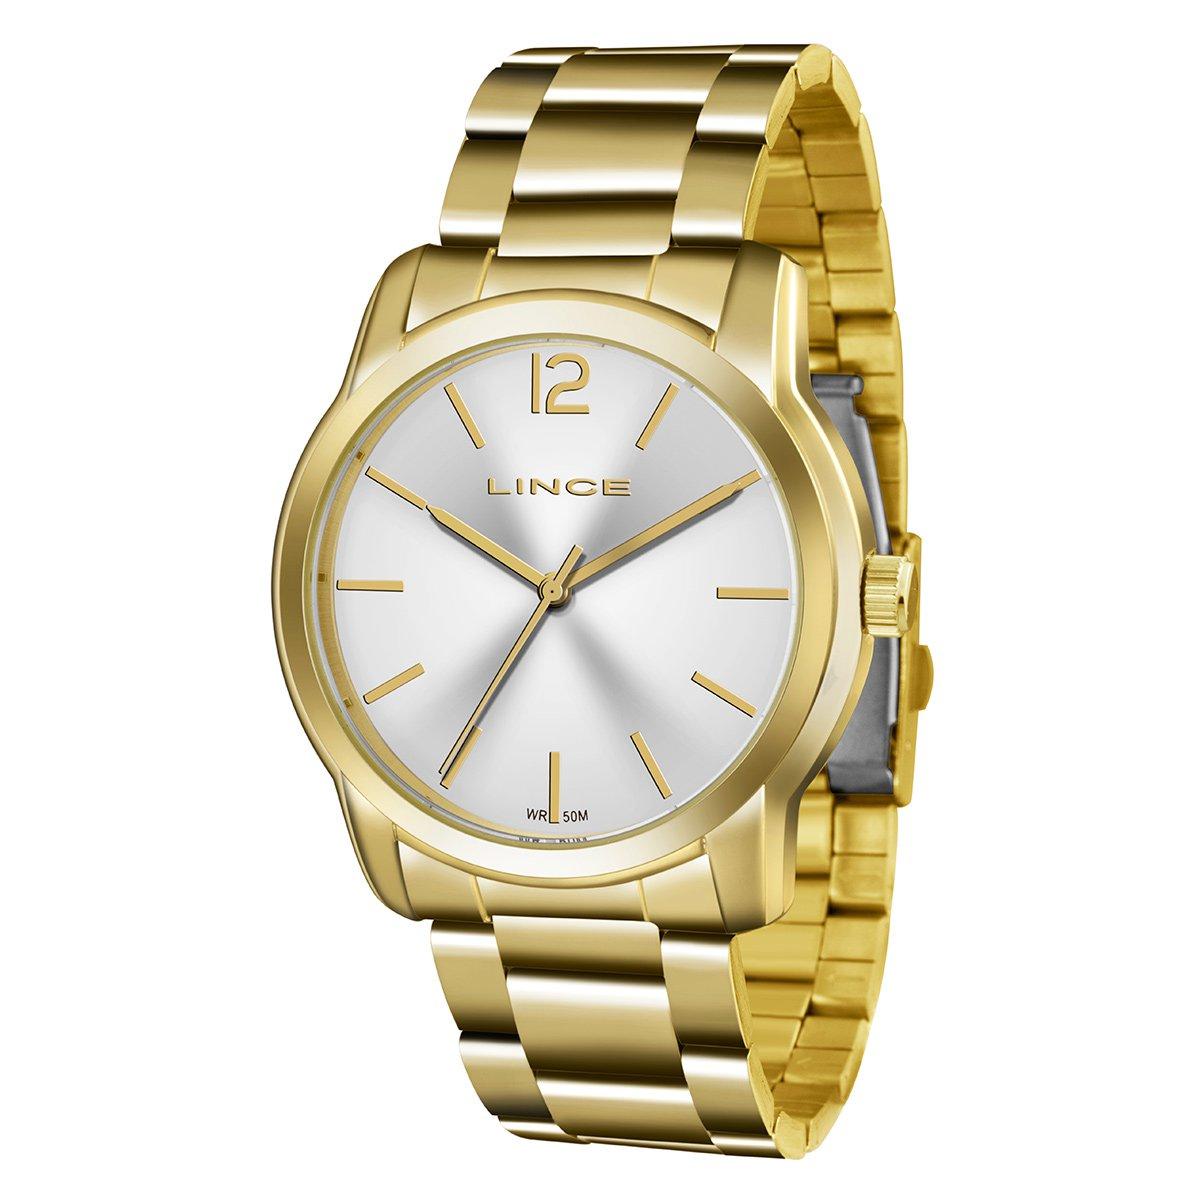 Relógio Lince Analógico LRG4447LS2KX Feminino